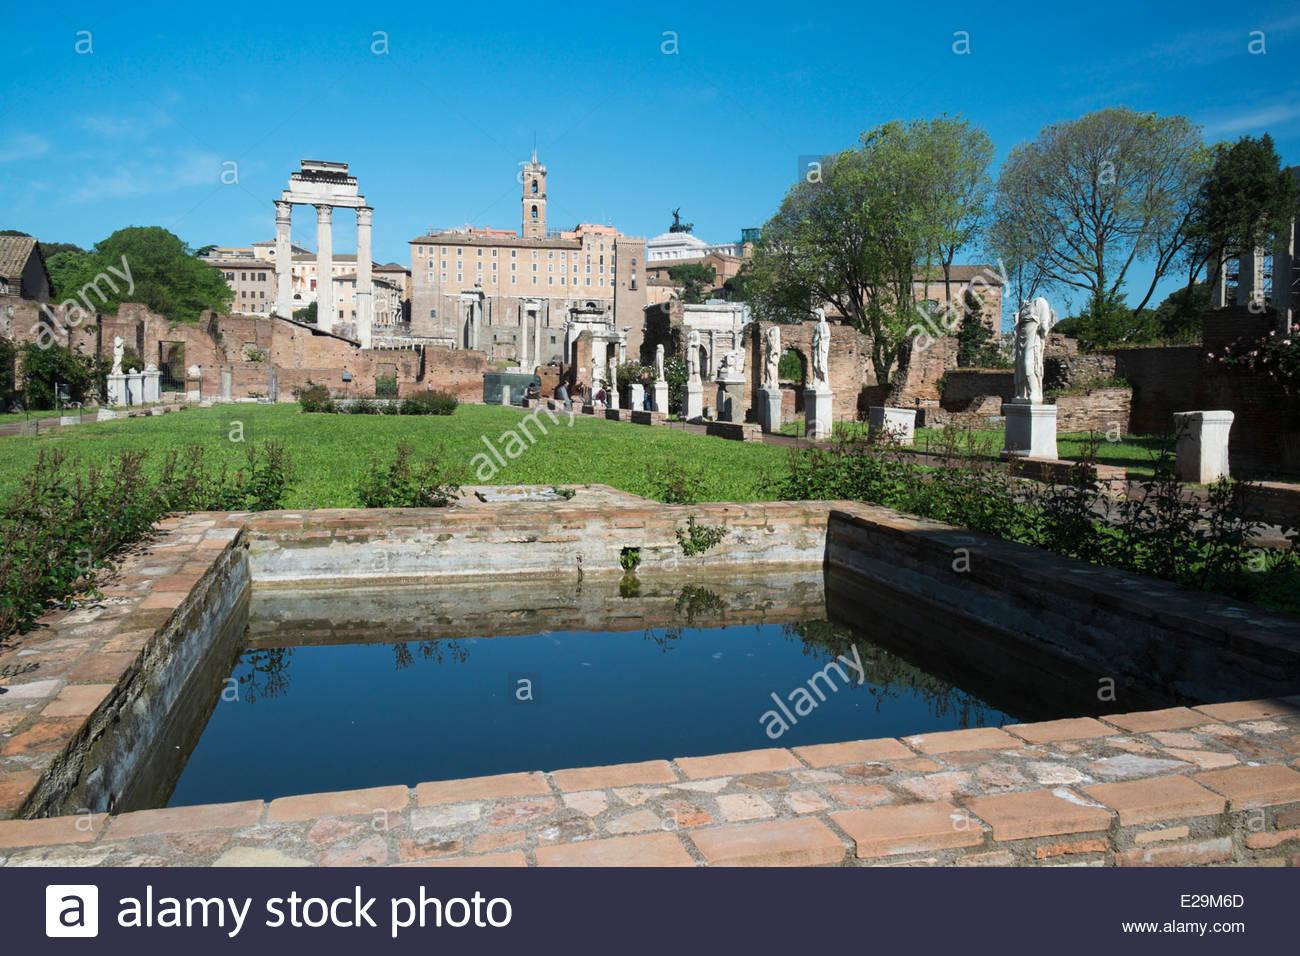 Pool of Water at Foro Romano, Roma, Italy - Stock Image